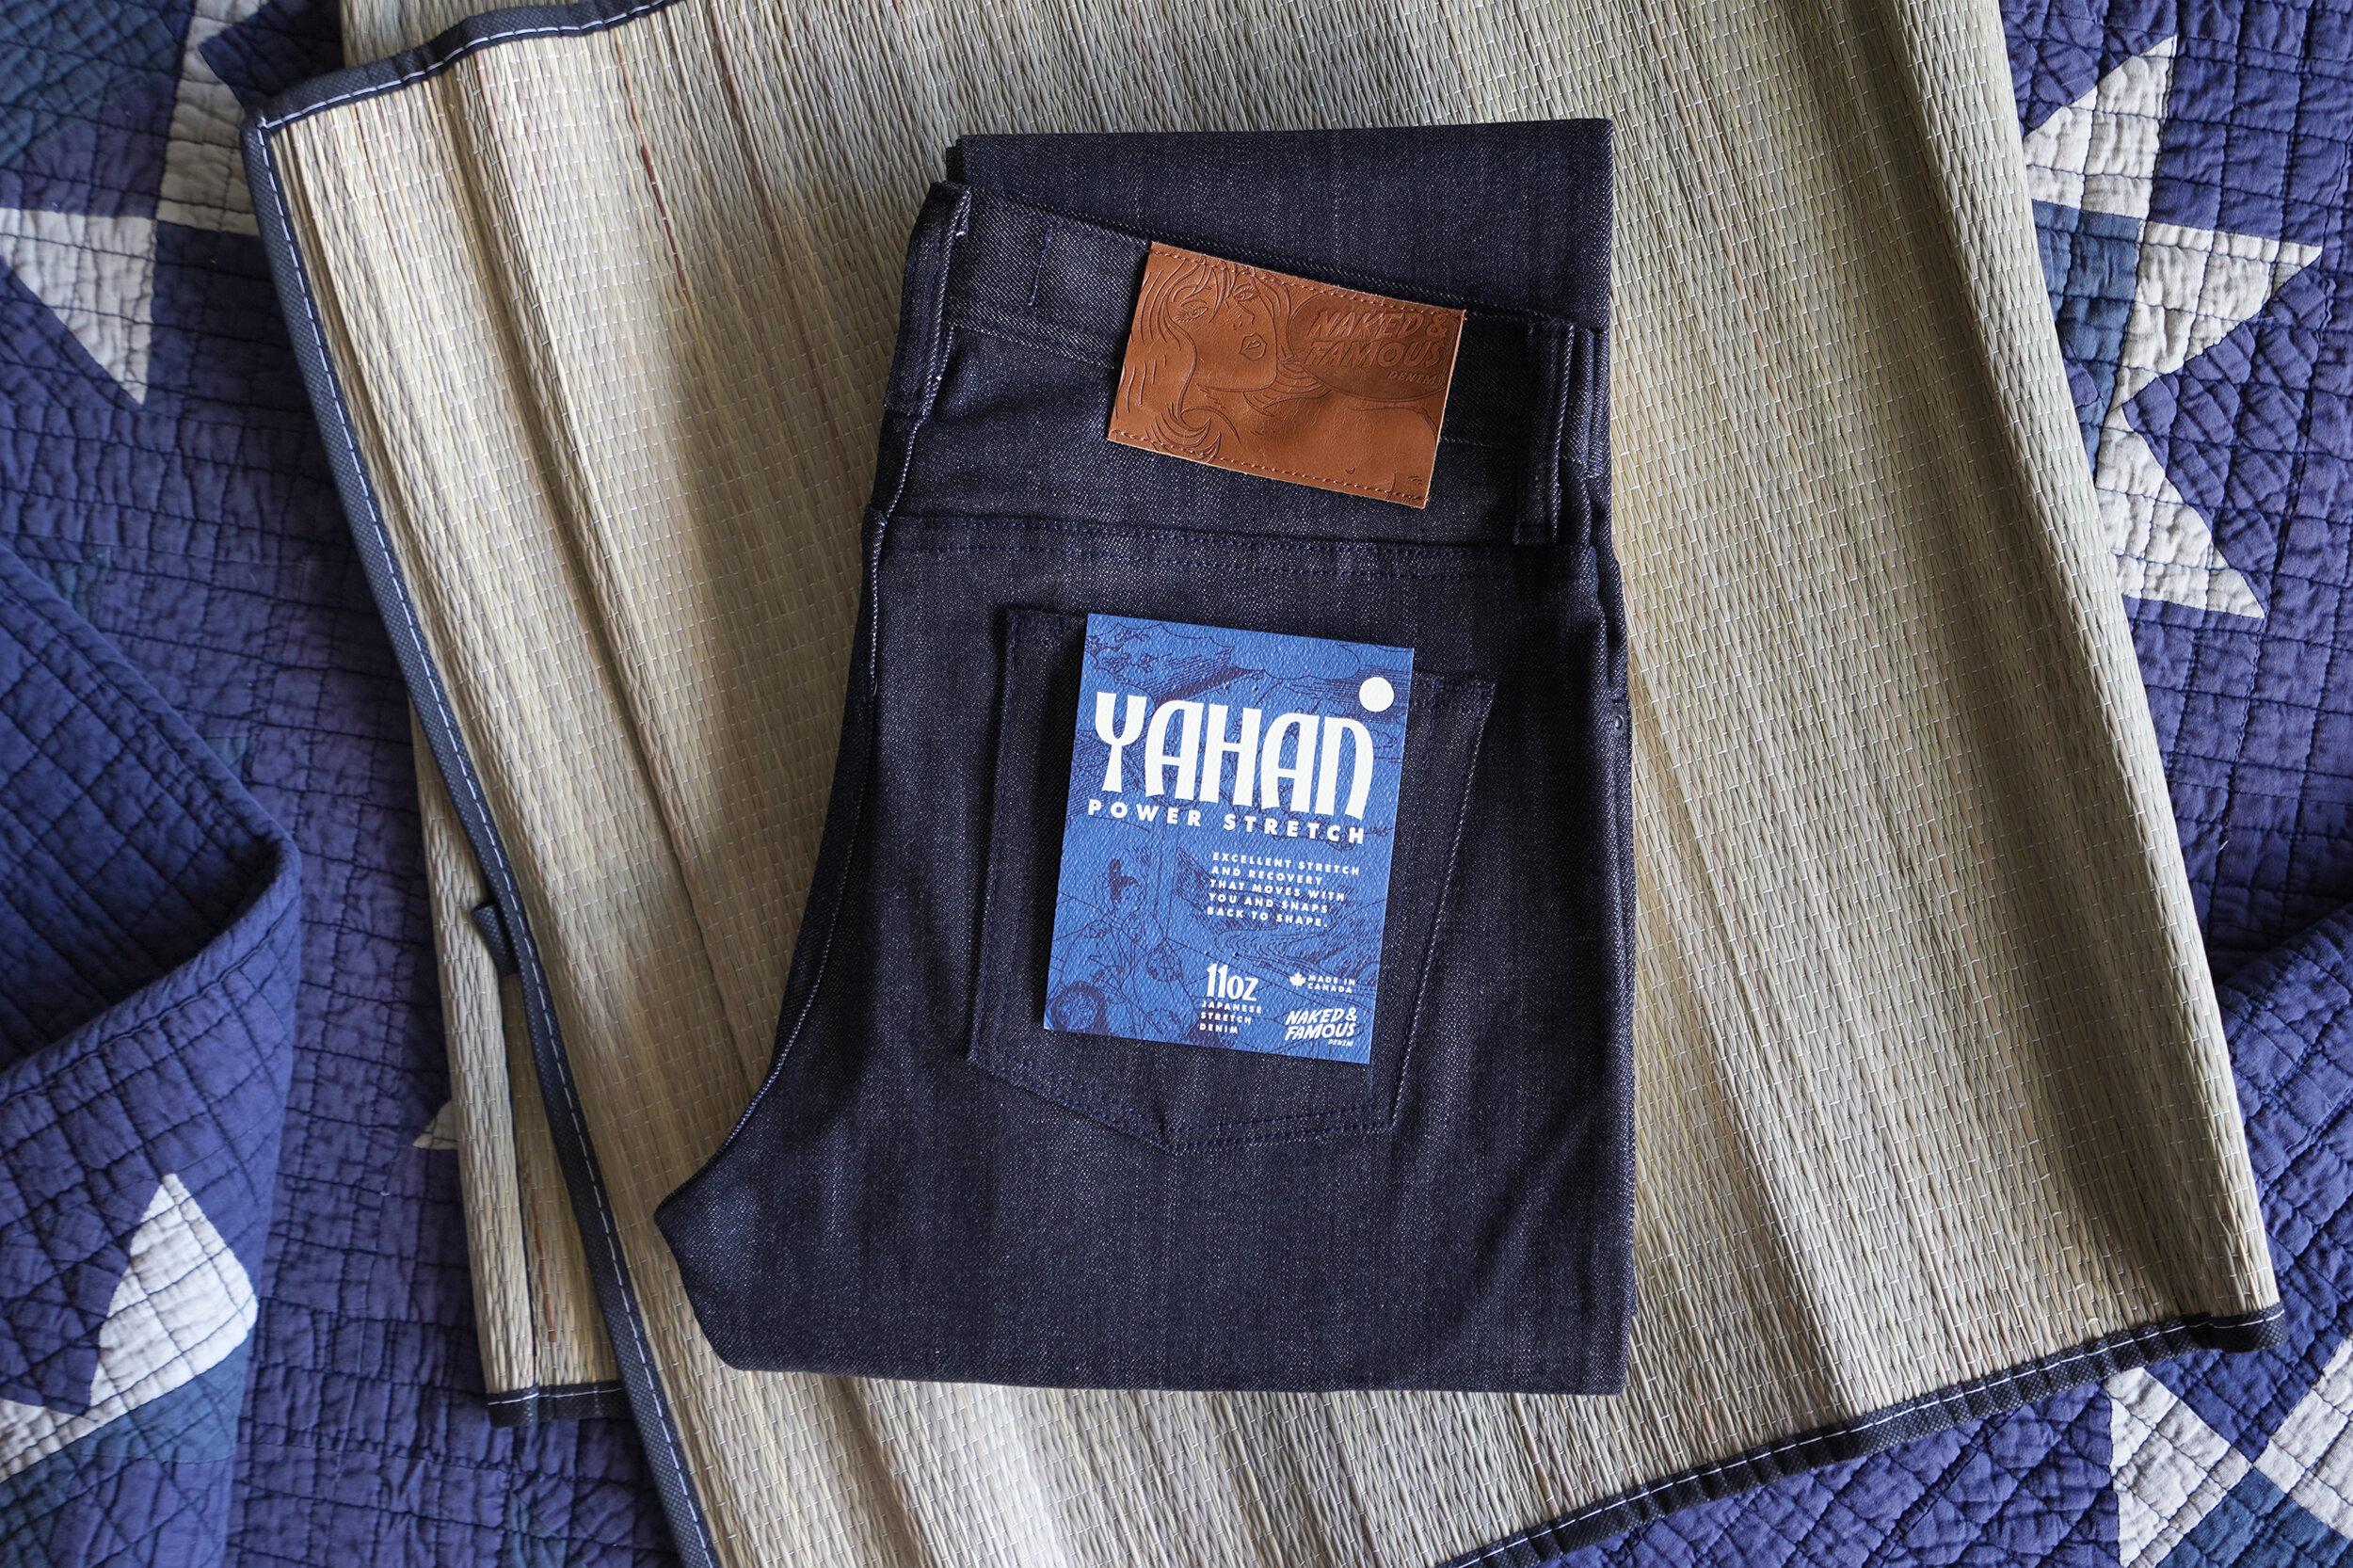 Yahan Power Stretch - Folded Flat